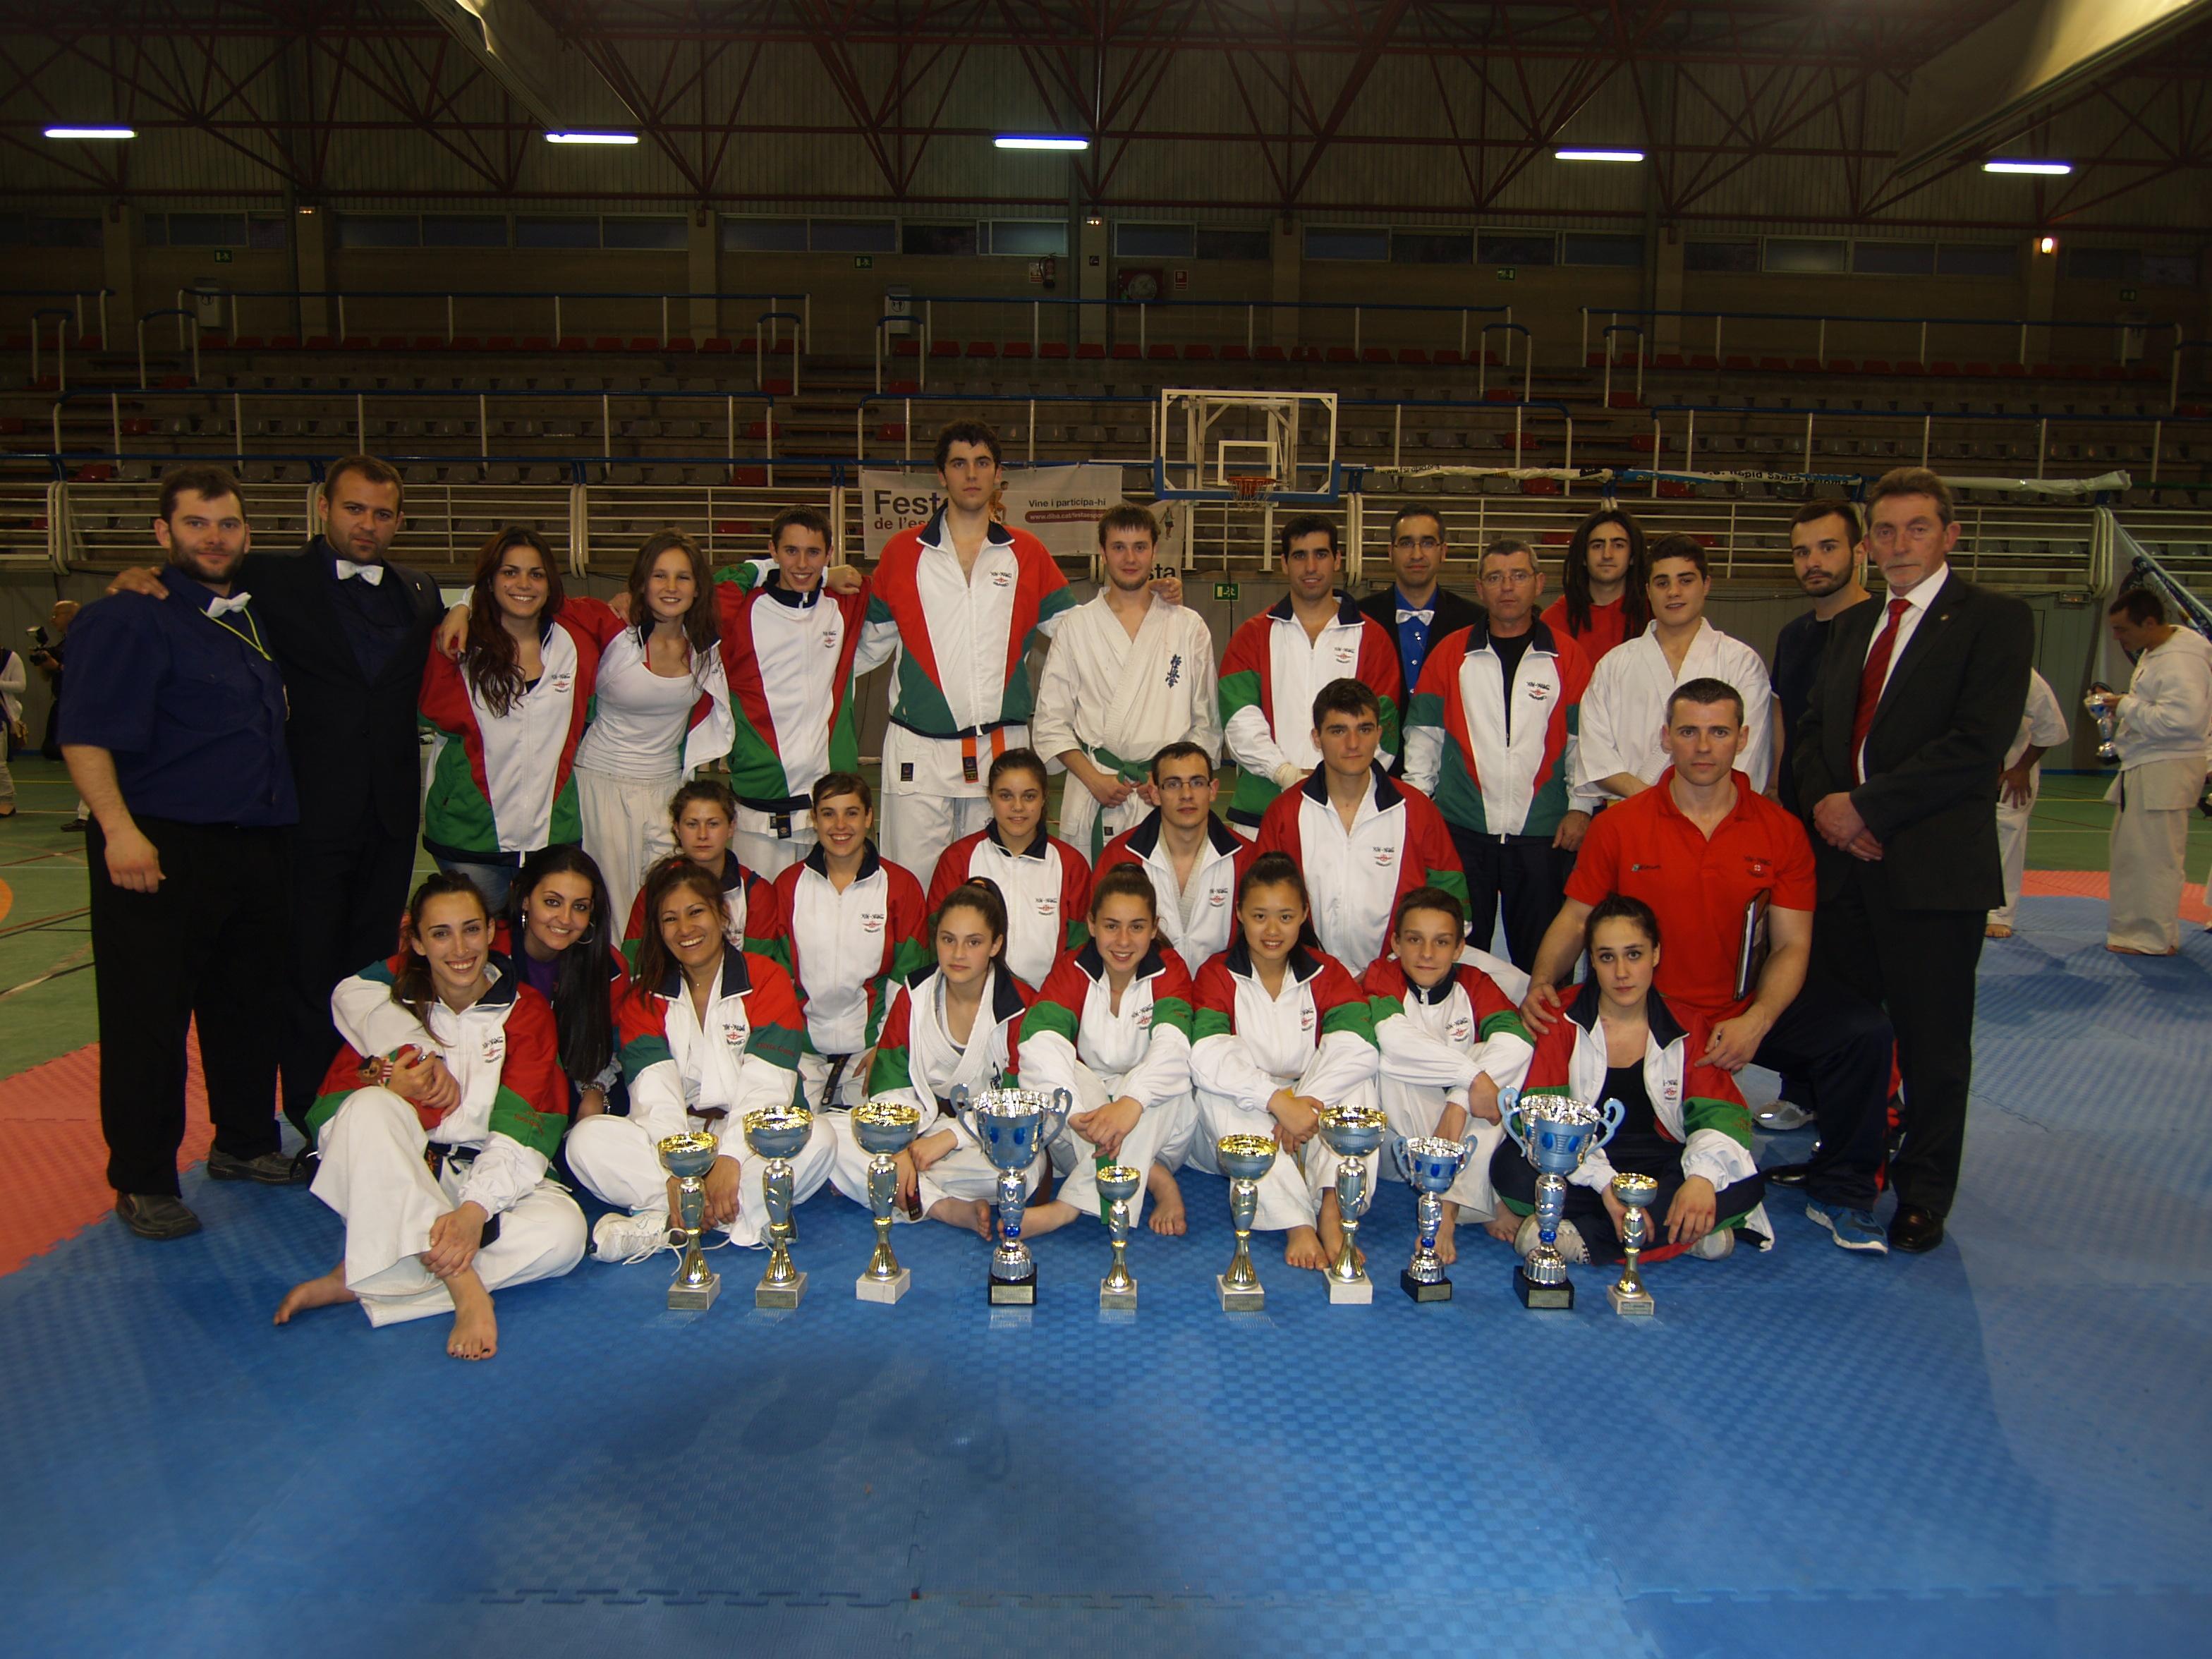 Copa catalu a 2013 gimnasio yin yang for Gimnasio yin yang